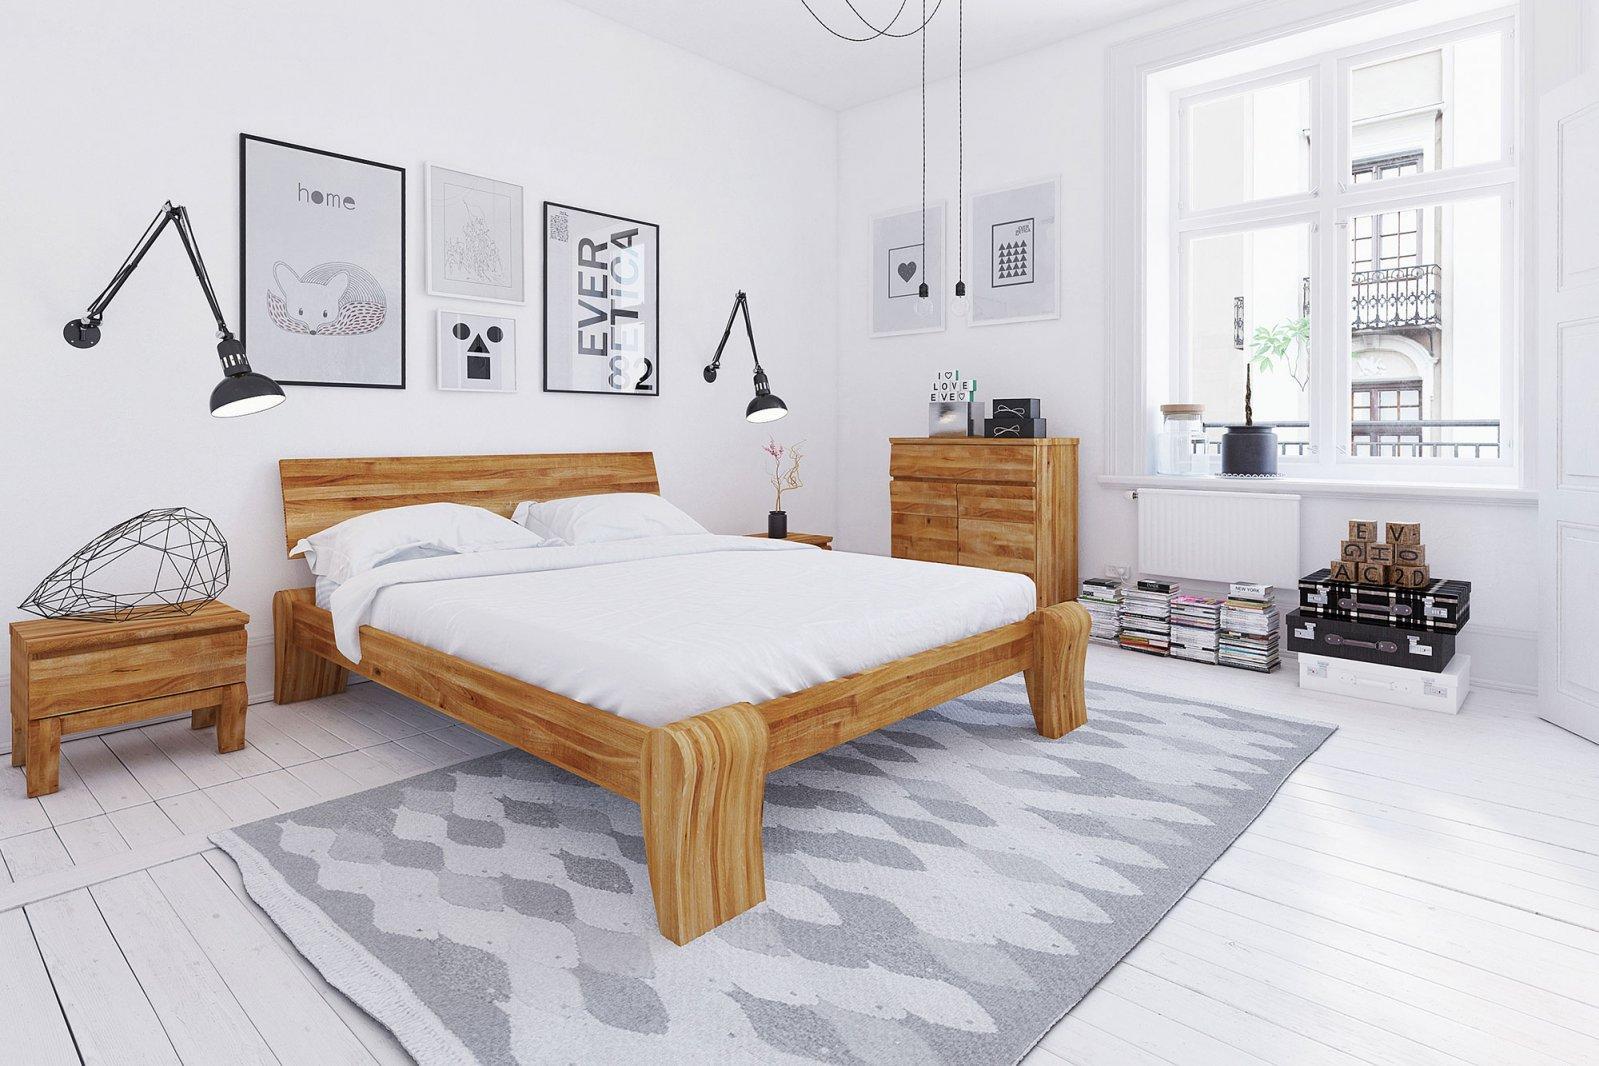 Łóżko BONA wysokie z litego drewna